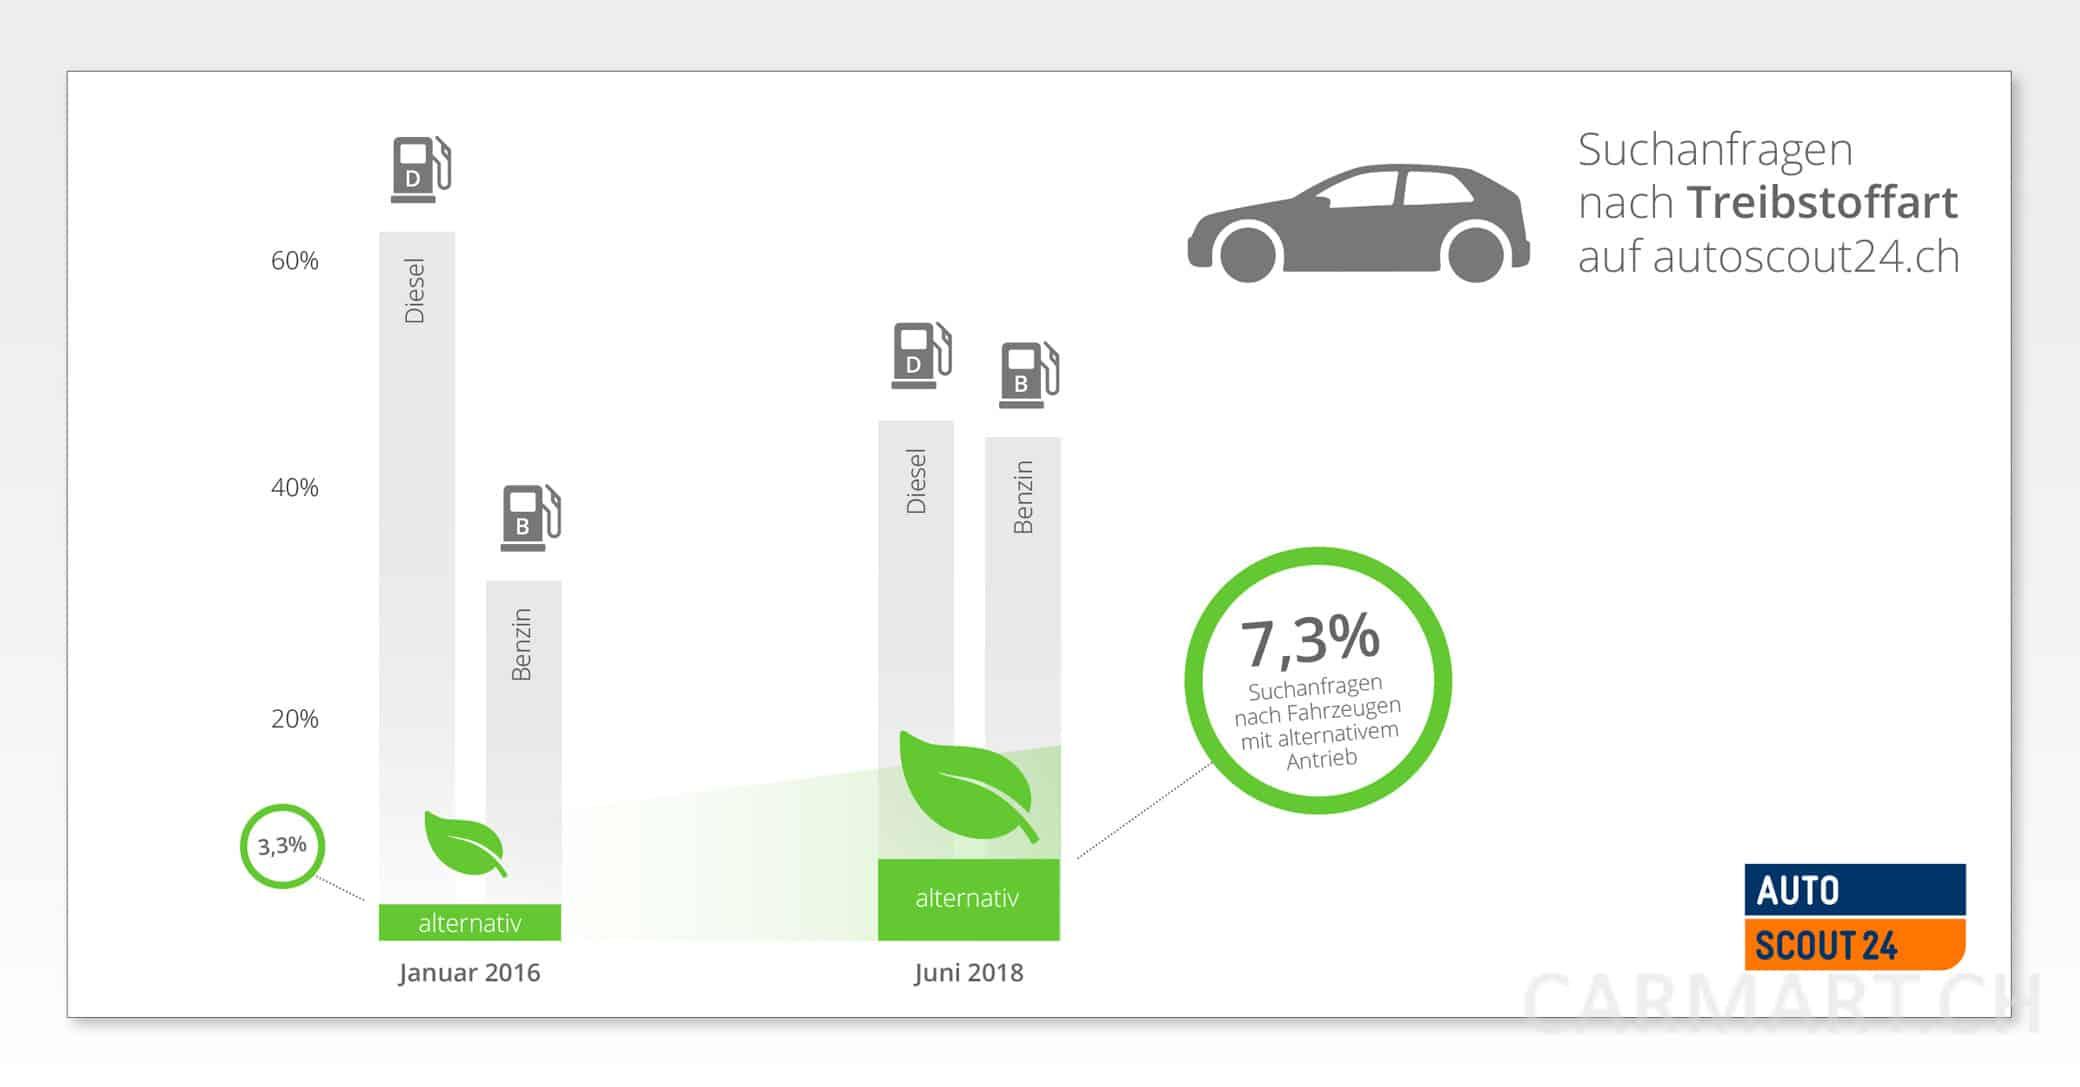 Dieselfahrzeuge weniger gesucht